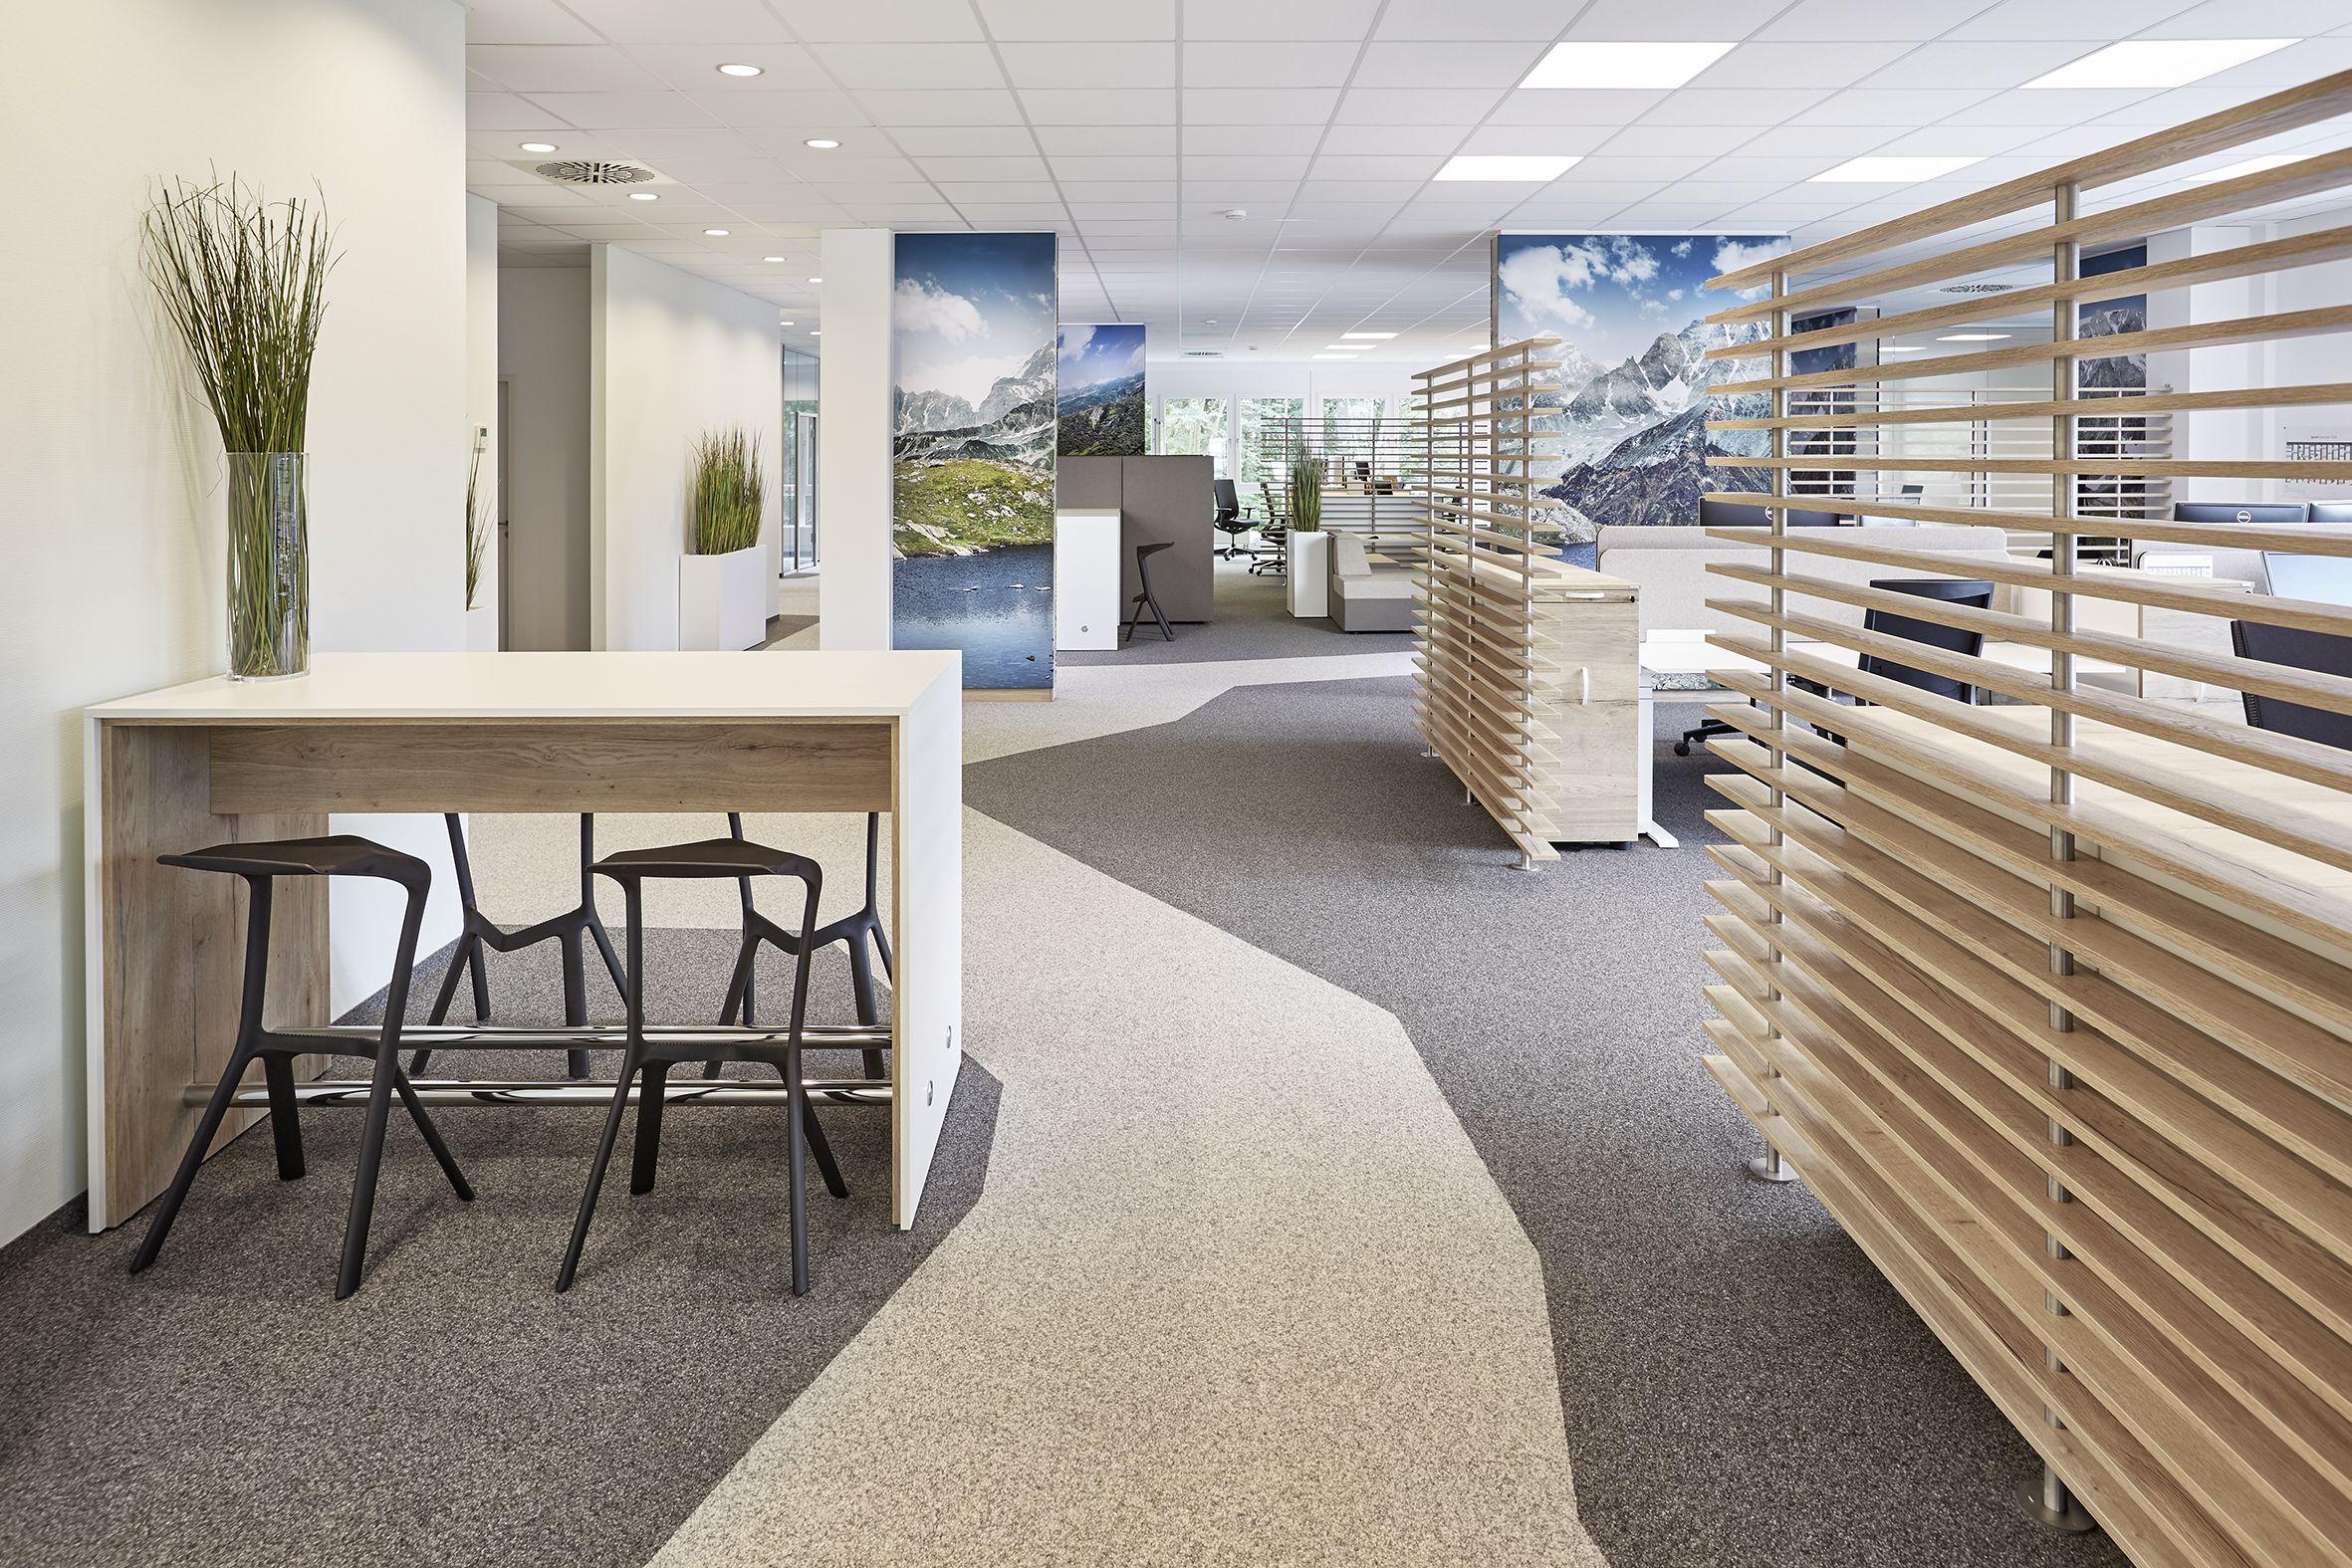 Innenarchitektur büro  Innenarchitektur: Open Space Büro mit unterschiedlichen ...